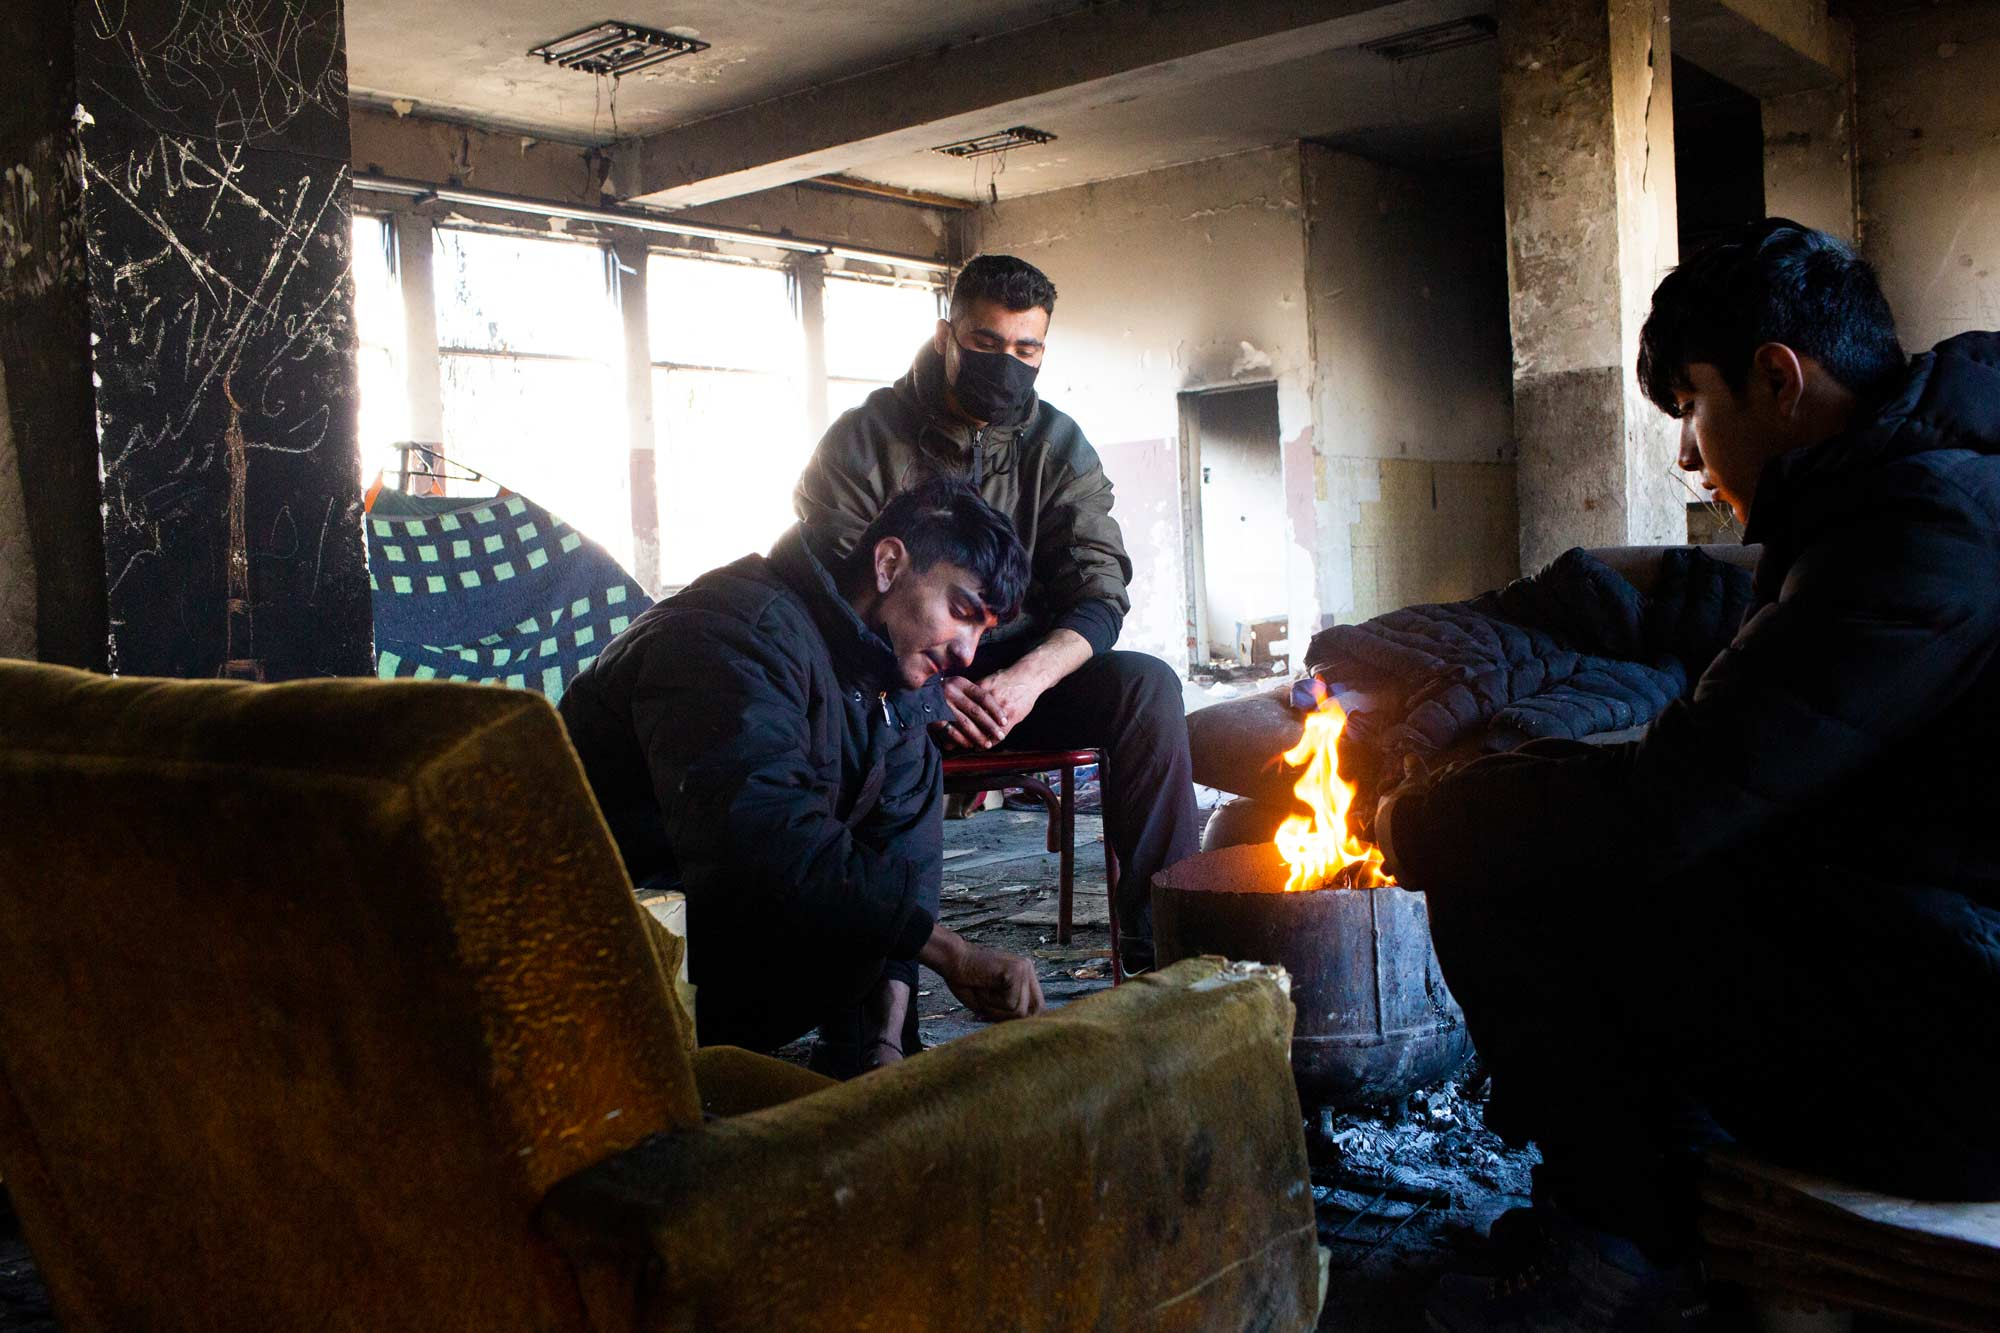 desperate refugees and migrants ahmed - <b>Крепость «Европа»:</b> как мигранты сталкиваются с полицейской жестокостью на Балканах - Заборона